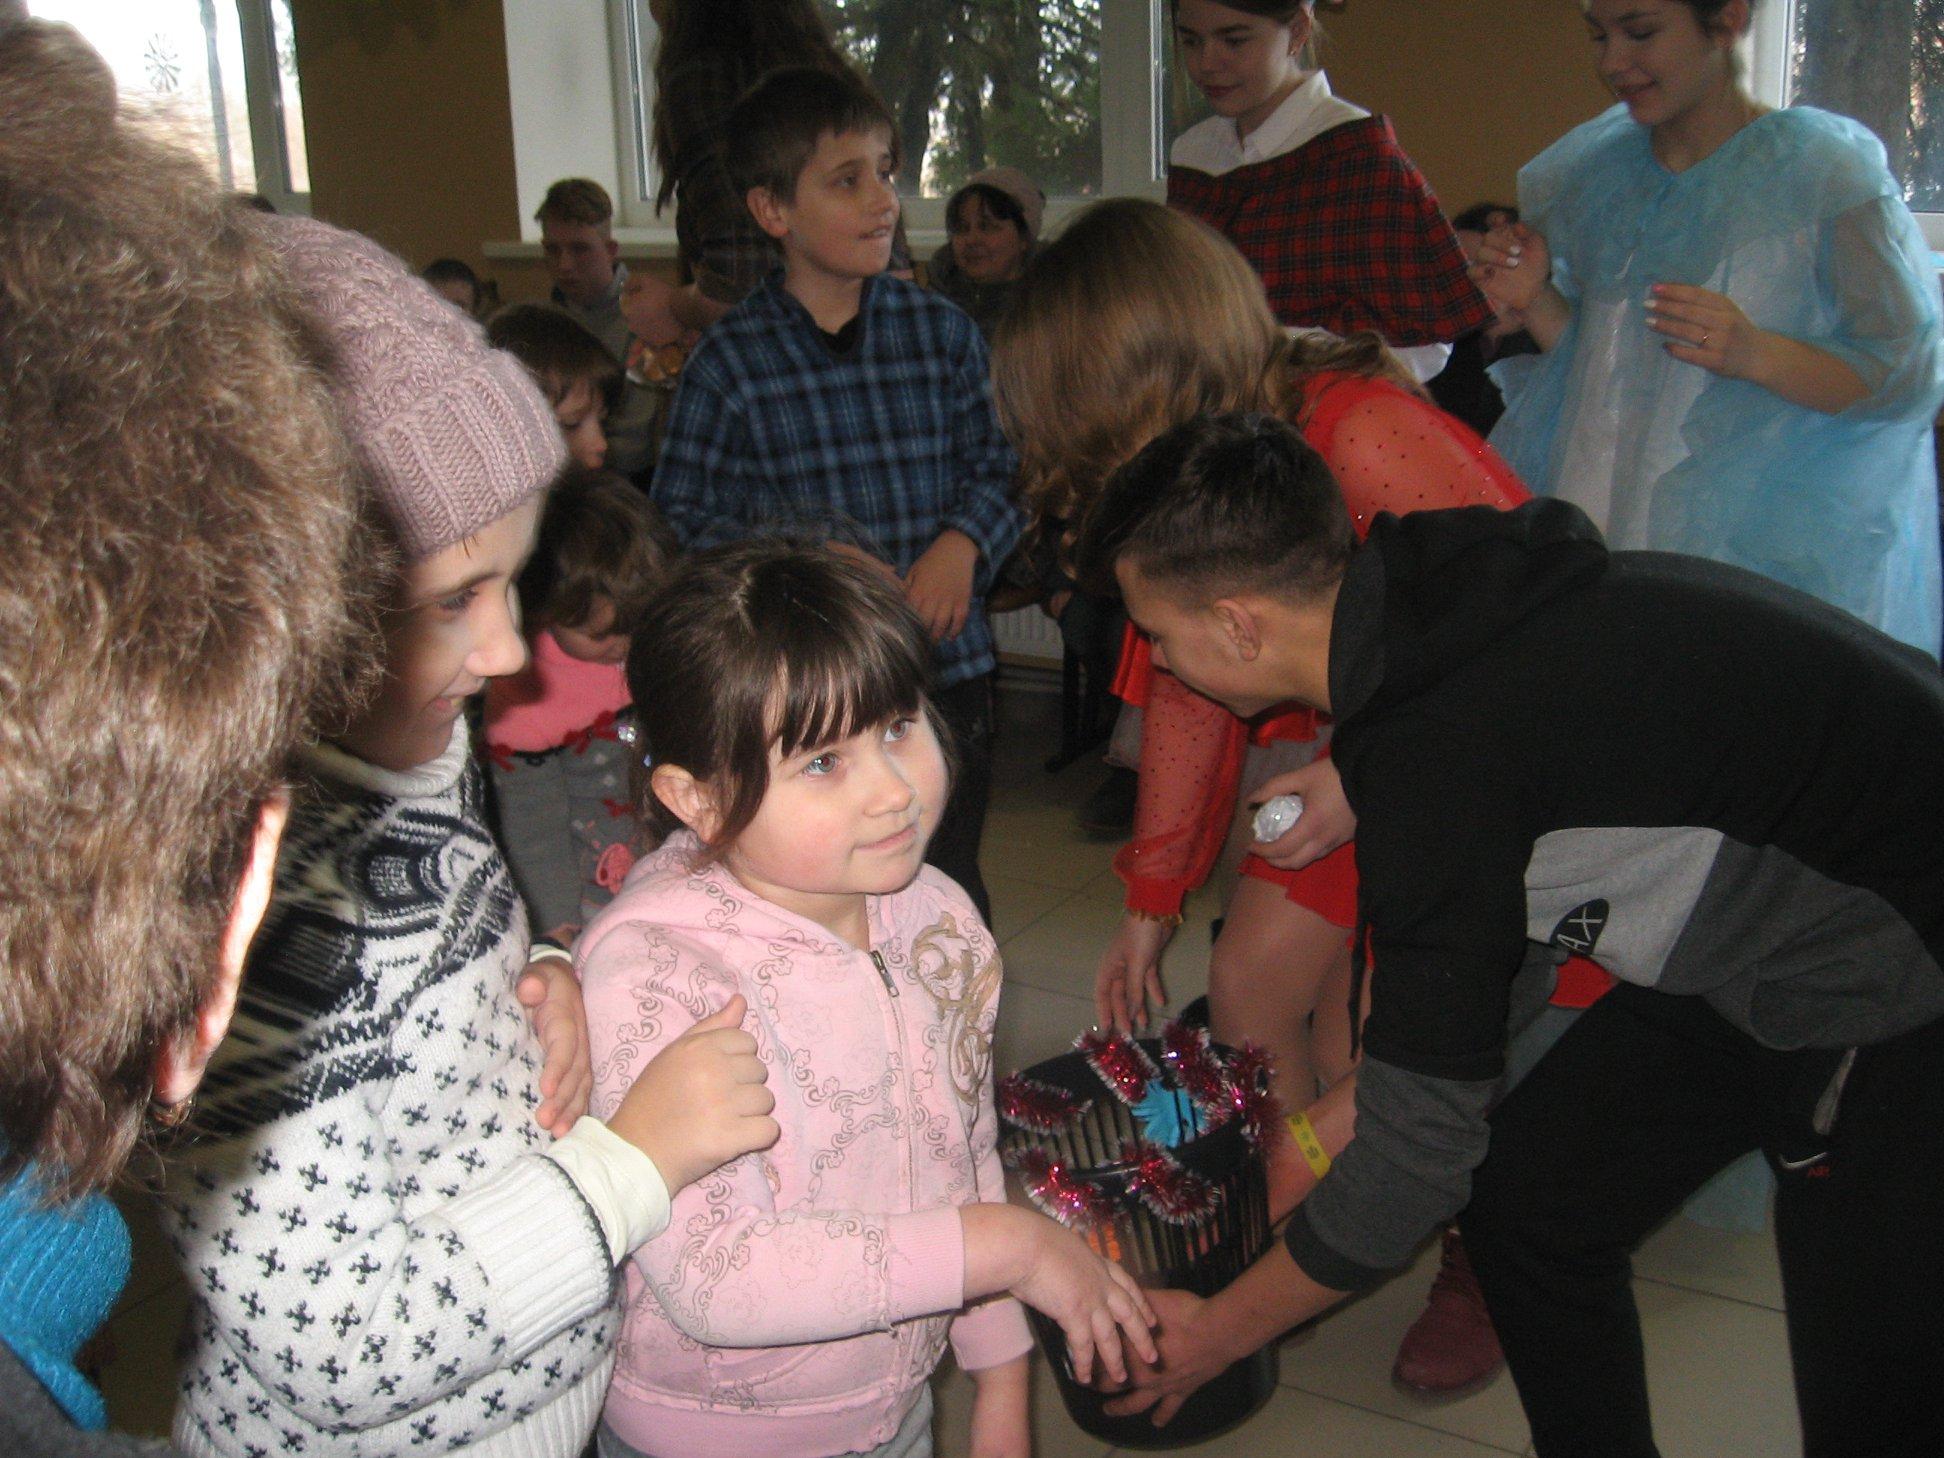 82573877_2465609337091737_3581682986023649280_o У Великій Мотовилівці на Фастівщині відбулось свято для особливих дітей